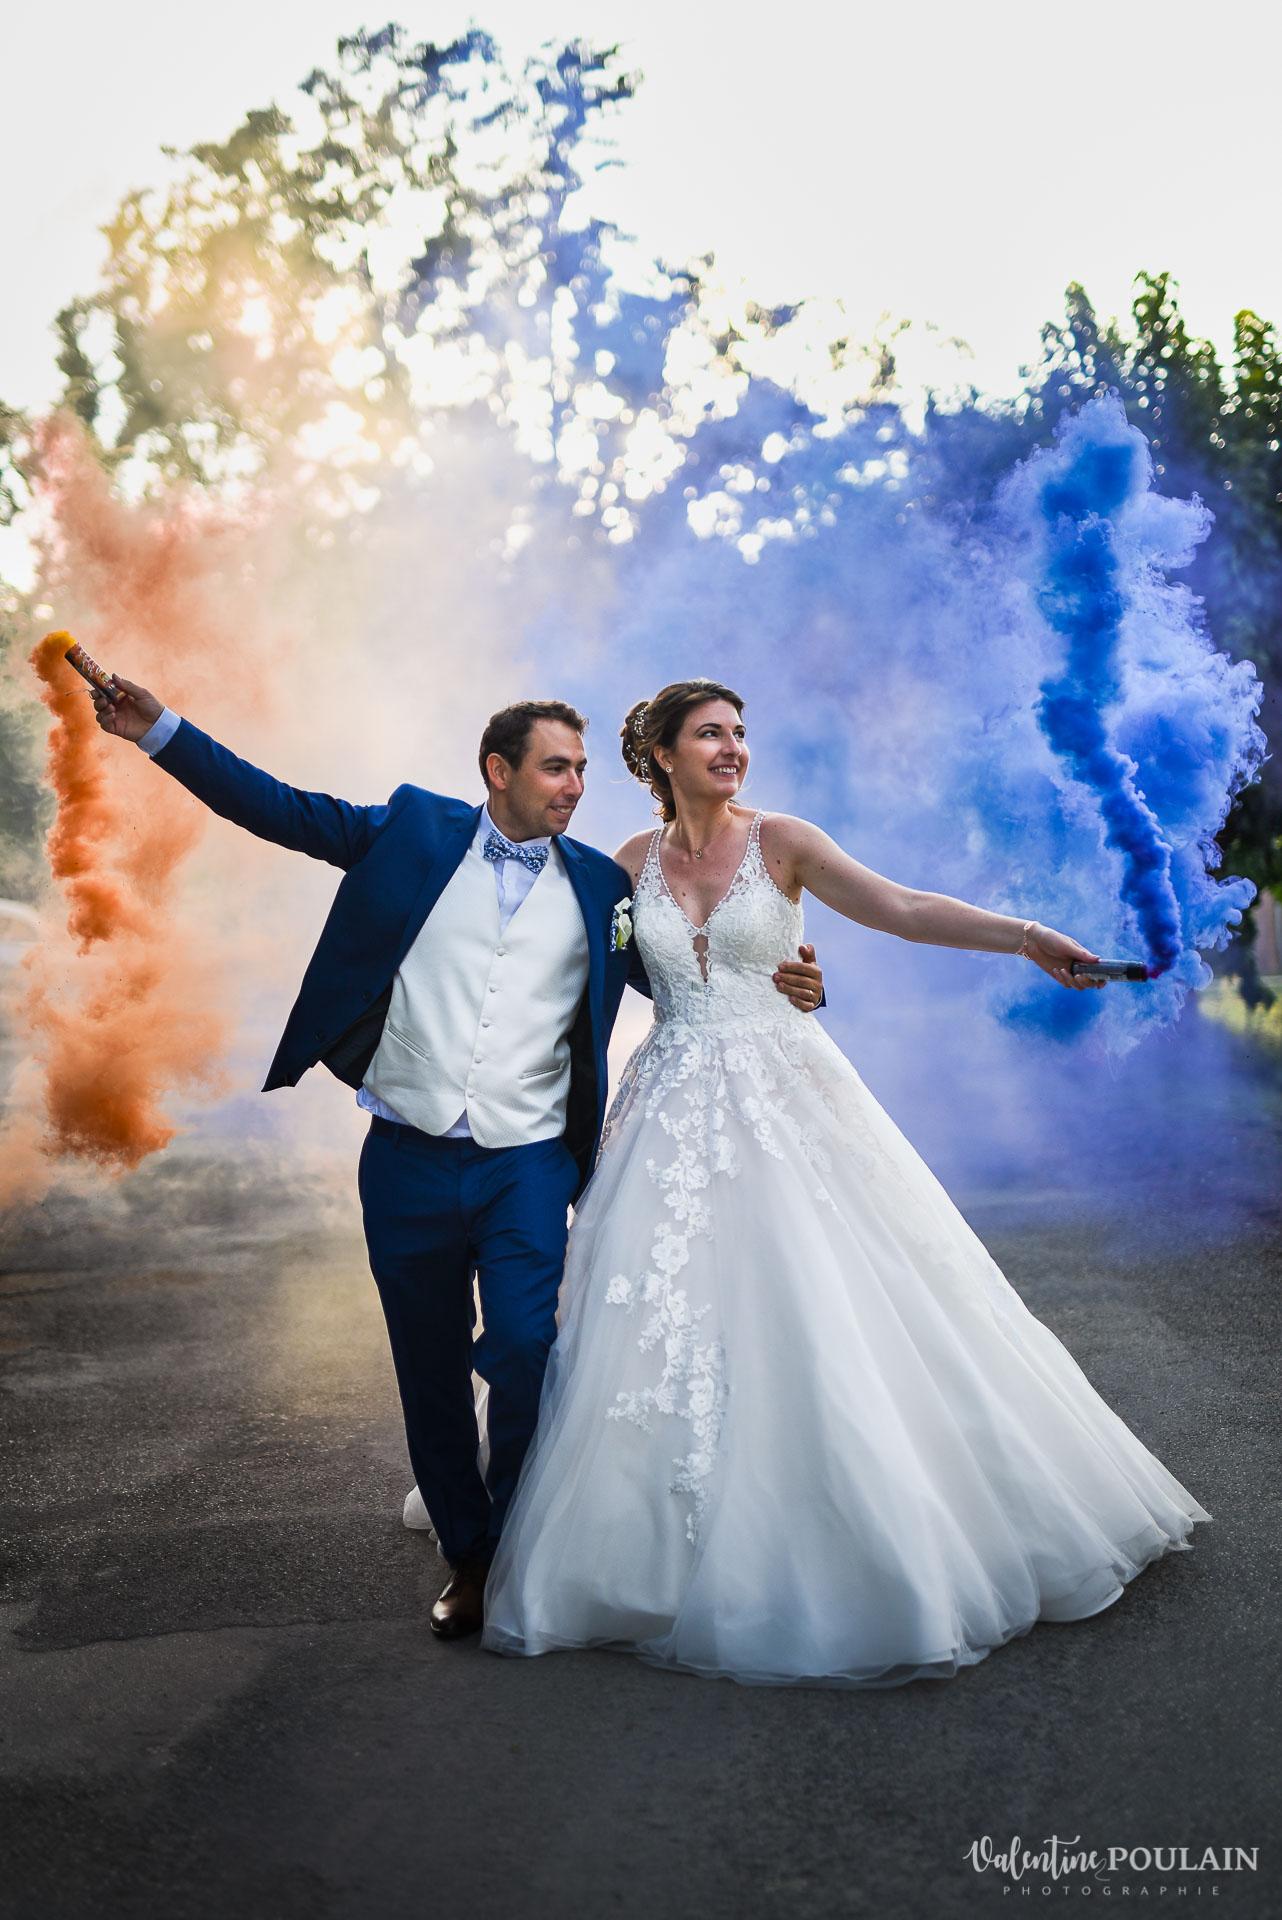 Automne sud se marier hors saison - Valentine Poulain fumigene